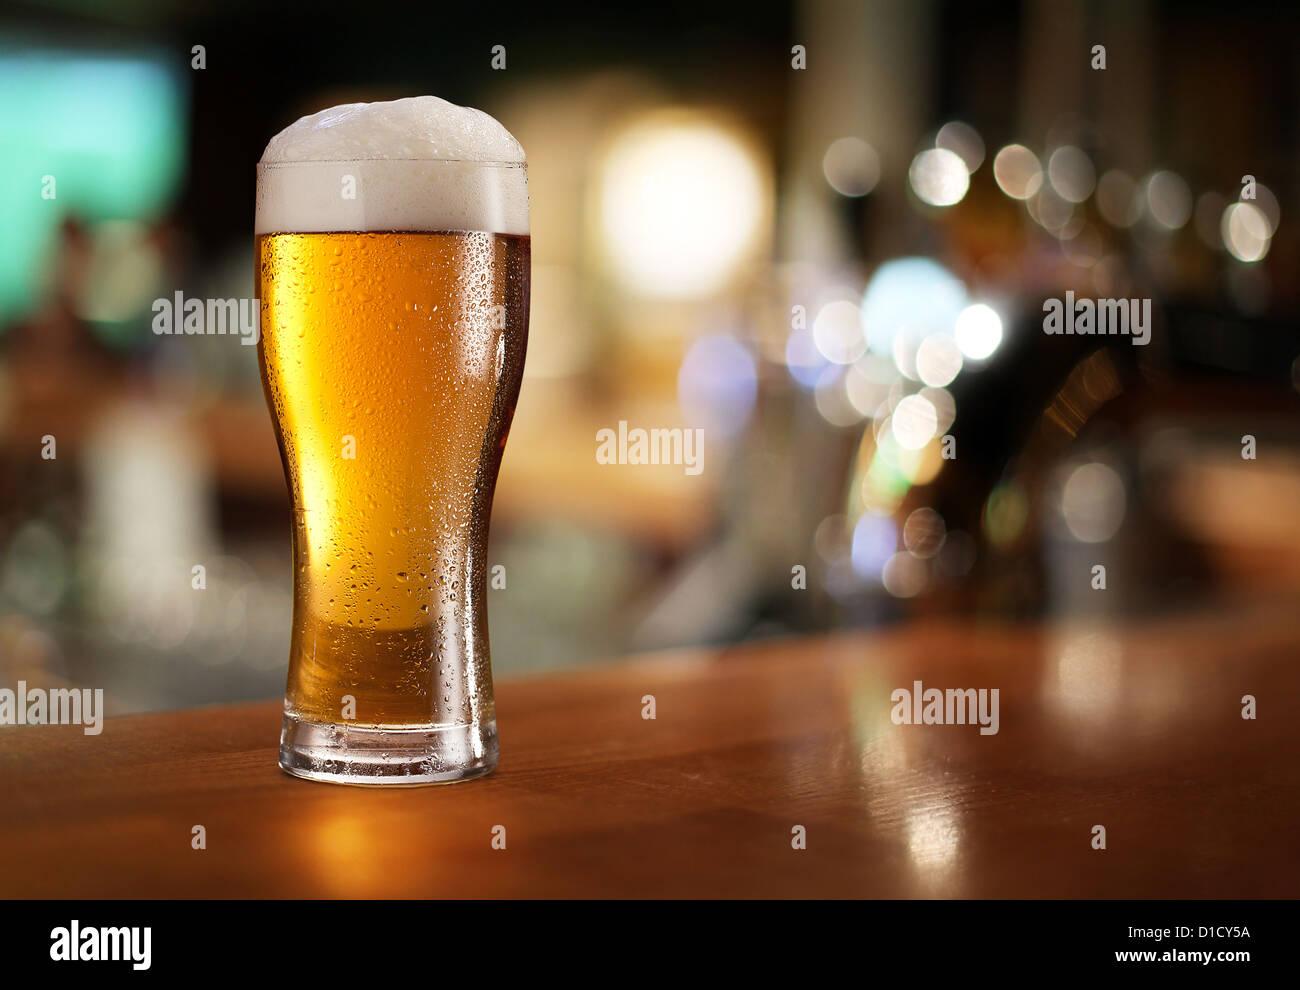 Glas helles Bier auf einer dunklen Kneipe. Stockbild